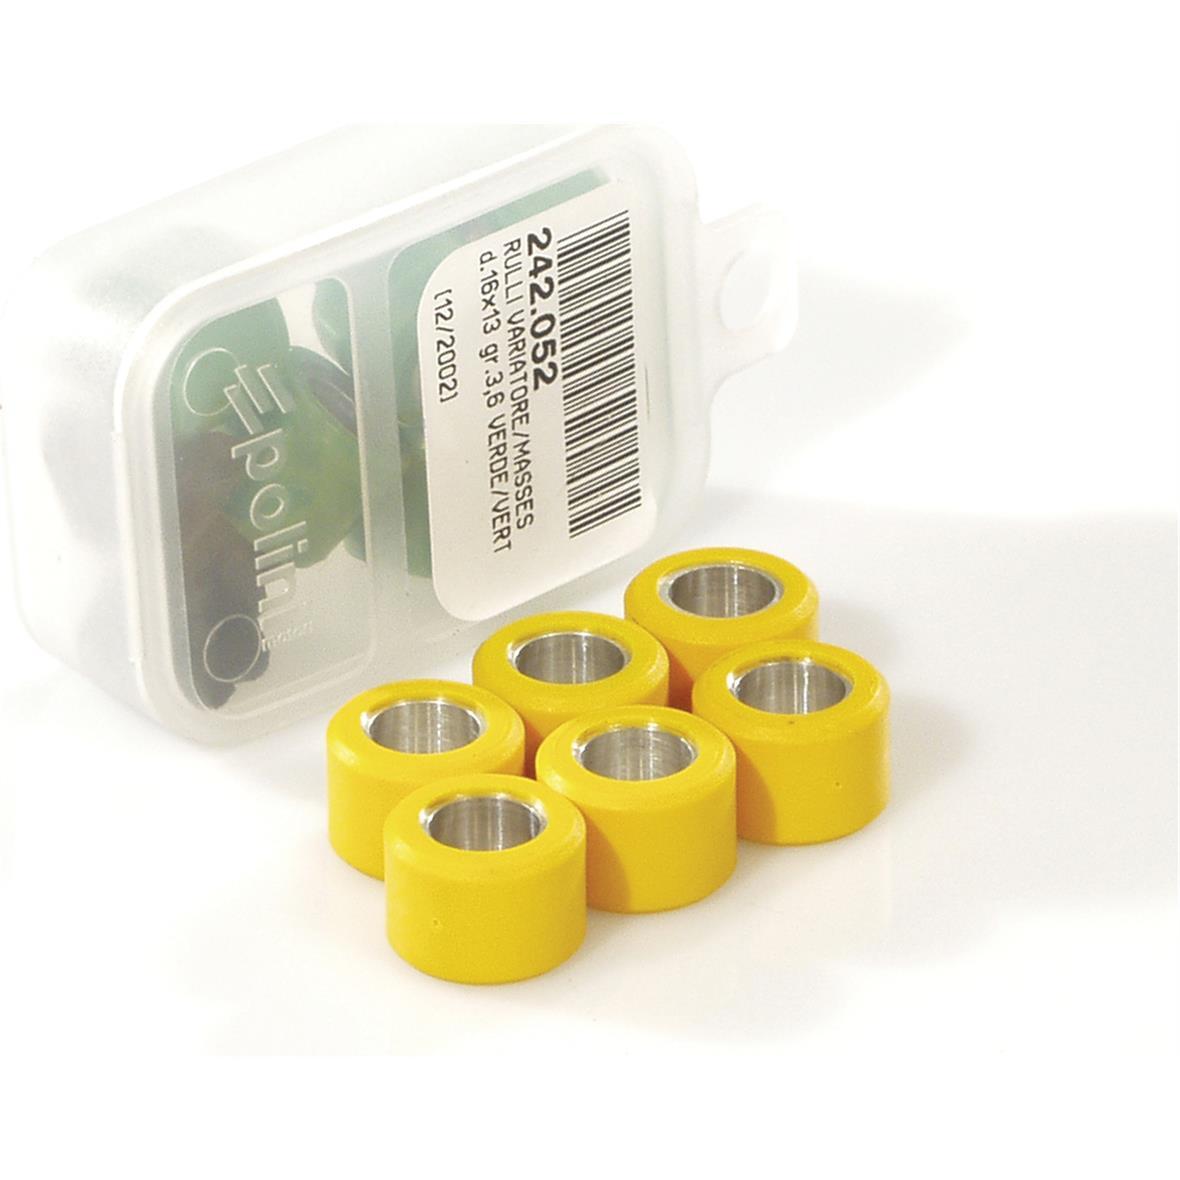 Zdjęcie produktu dla 'Rolki Variatora POLINI 15x12 mm 4,7 gTitle'